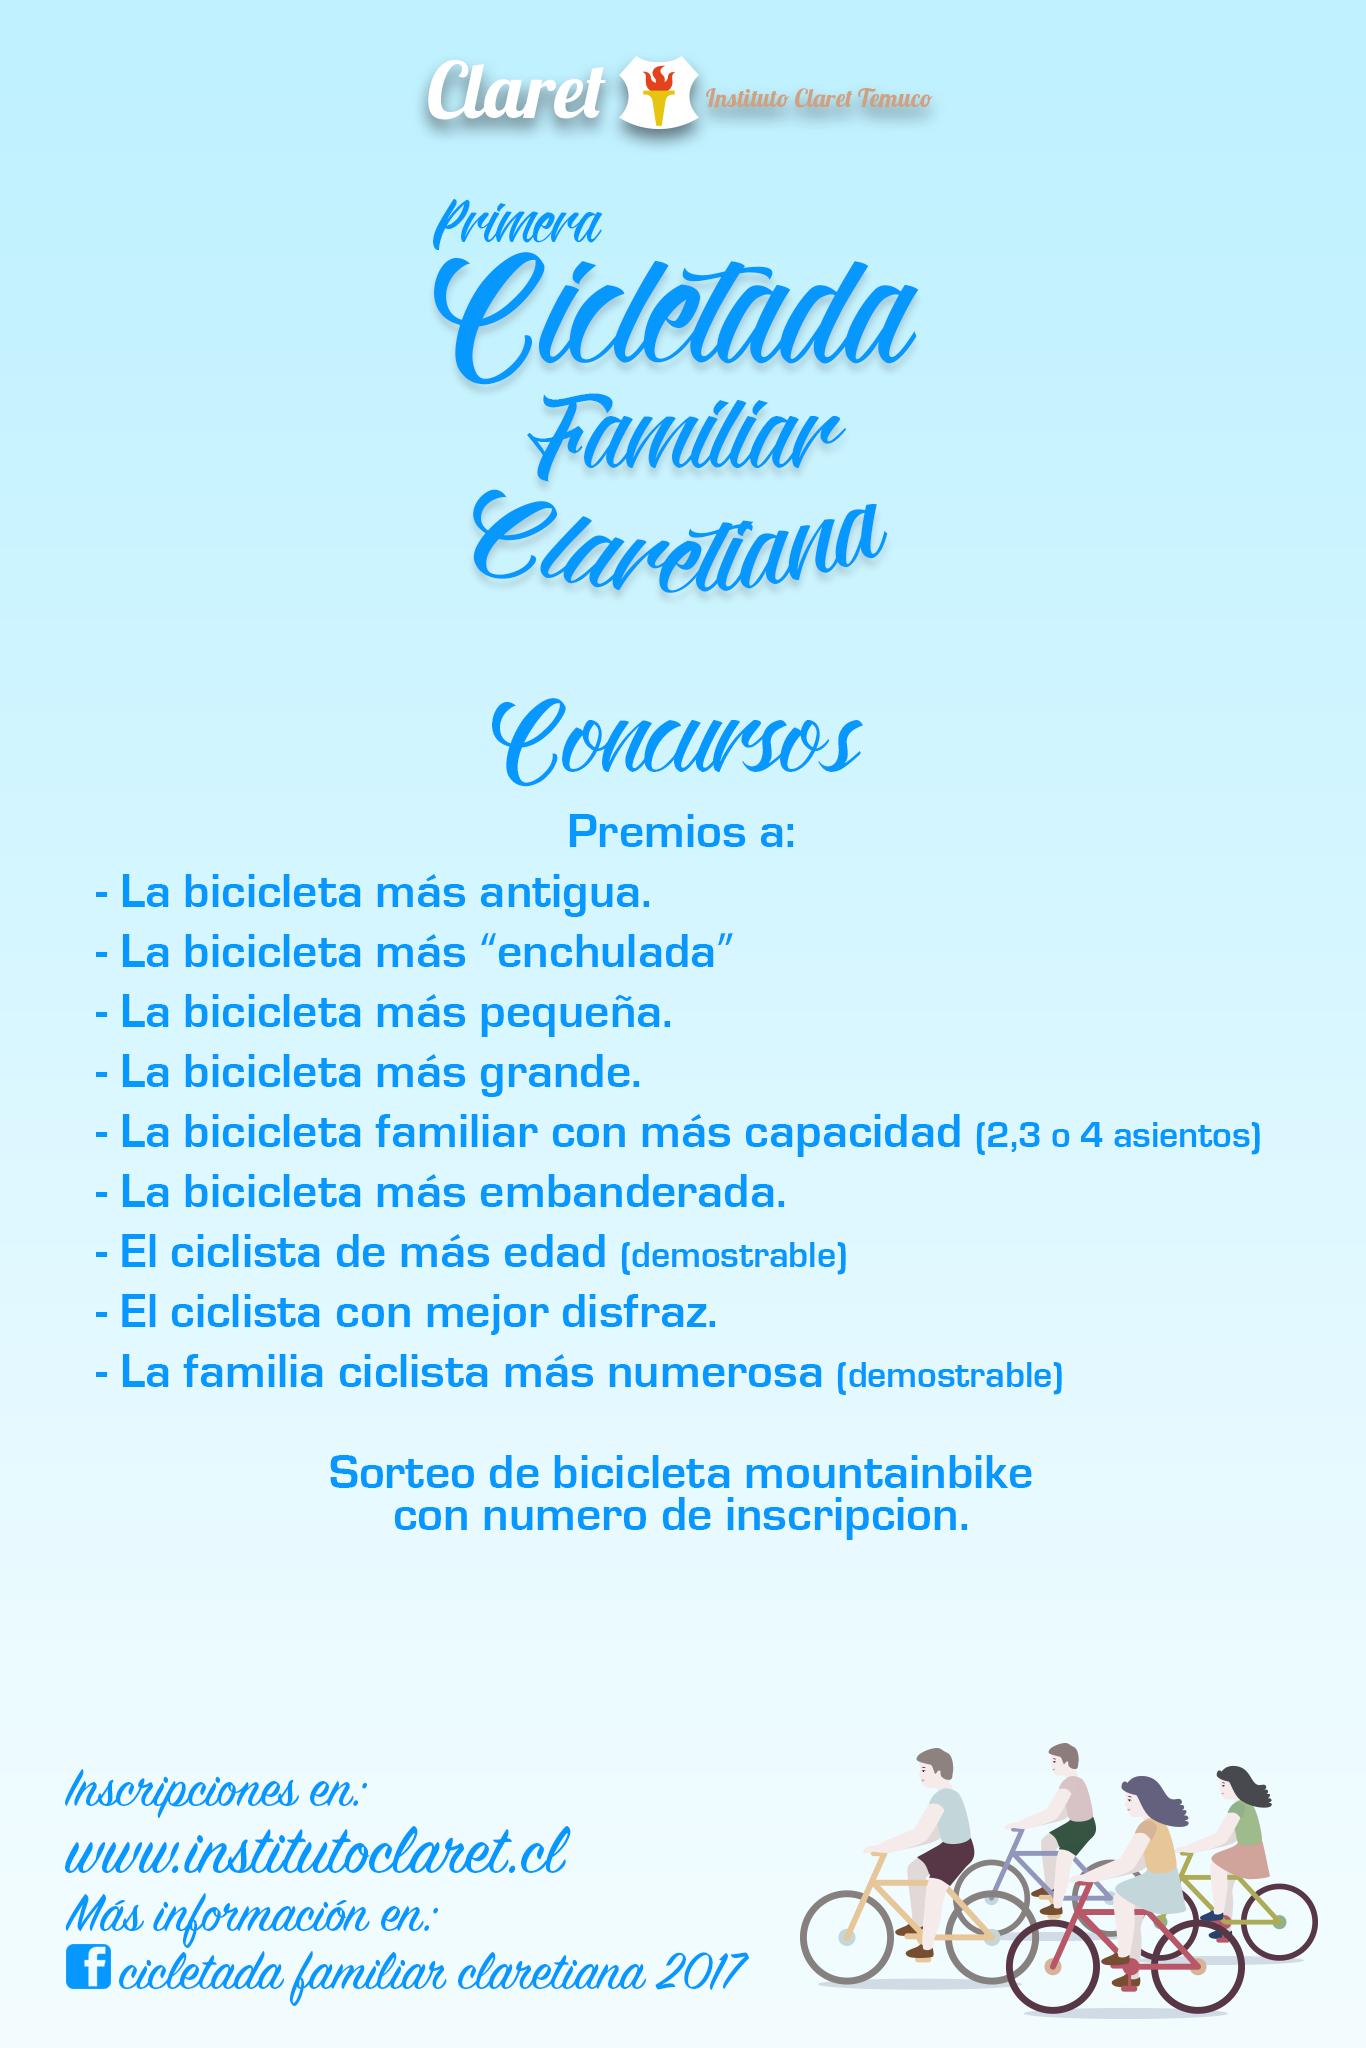 ConcursosCicletadaClaret